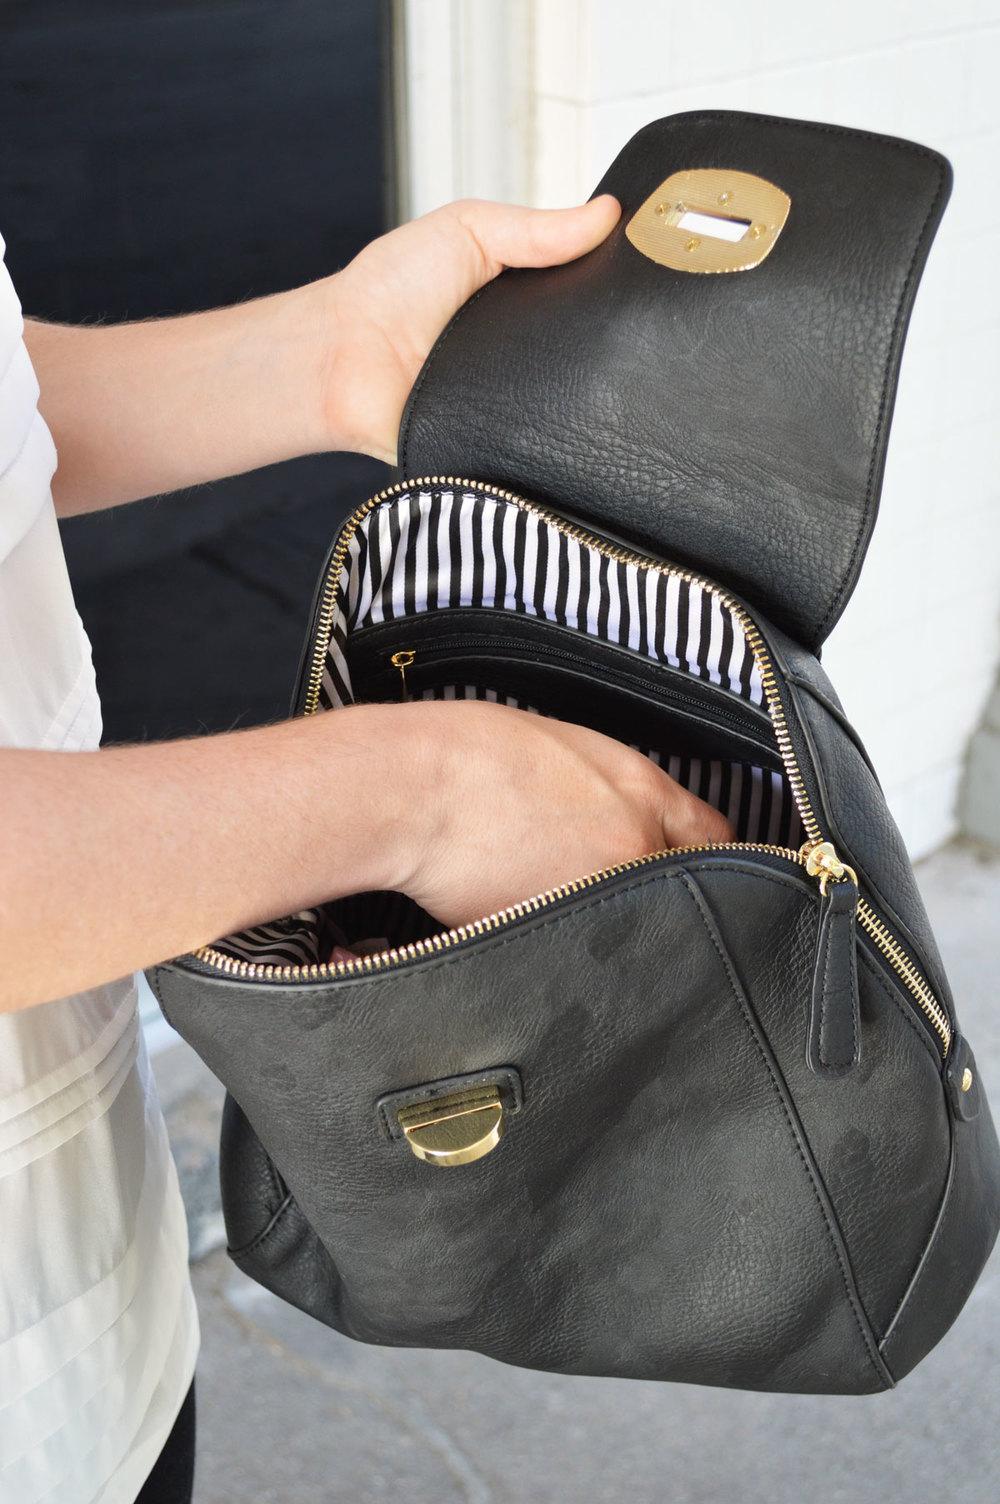 ShoeDazzle-Backpack-FromCtoC-Nassau-Bahamas-close-up-detail.jpeg